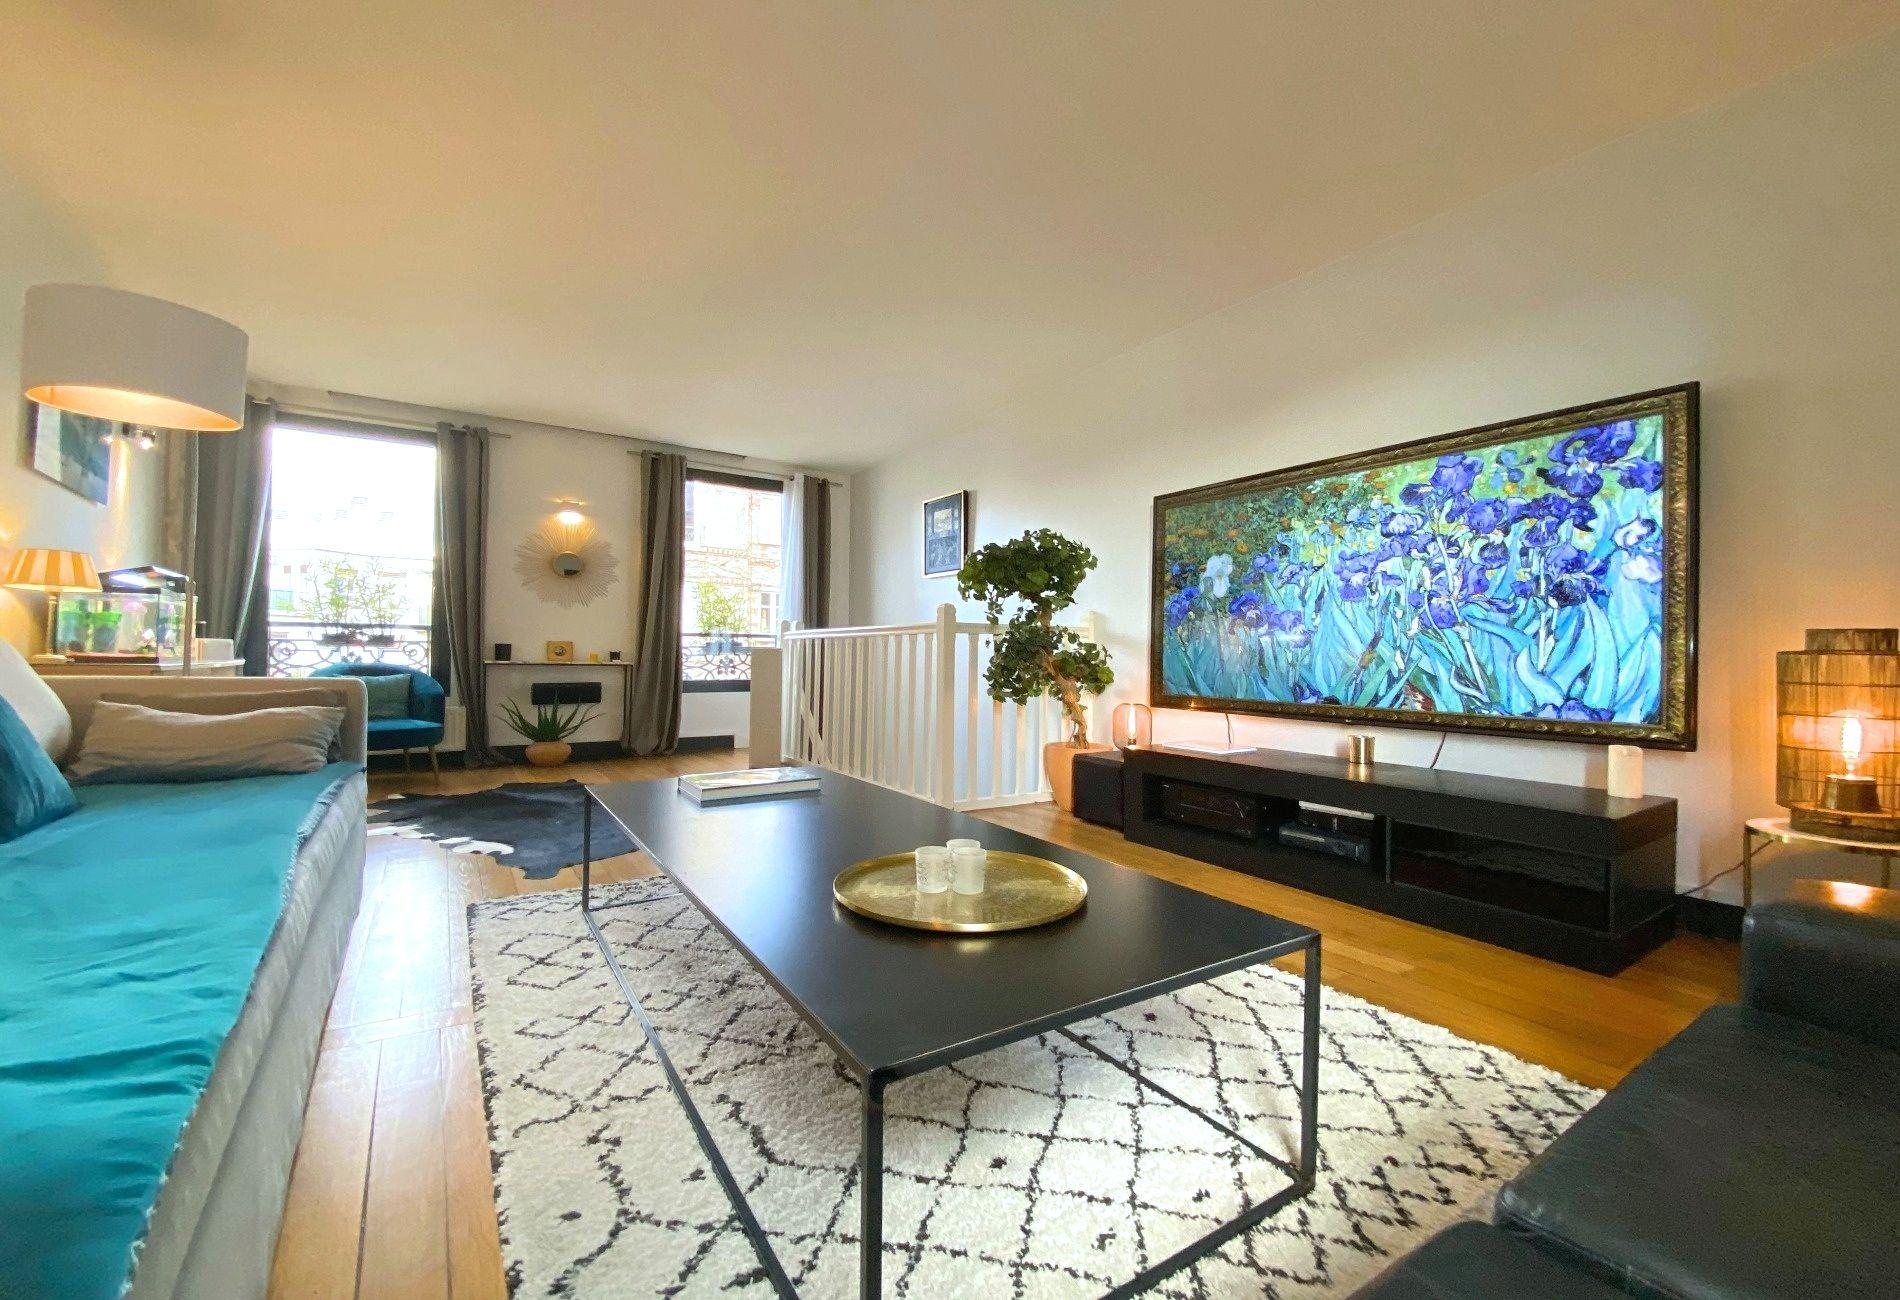 location-courte-duree-appartement-roland-garros-la clef-des-villes-agence-immobiliere-boulogne-off-market.jpg